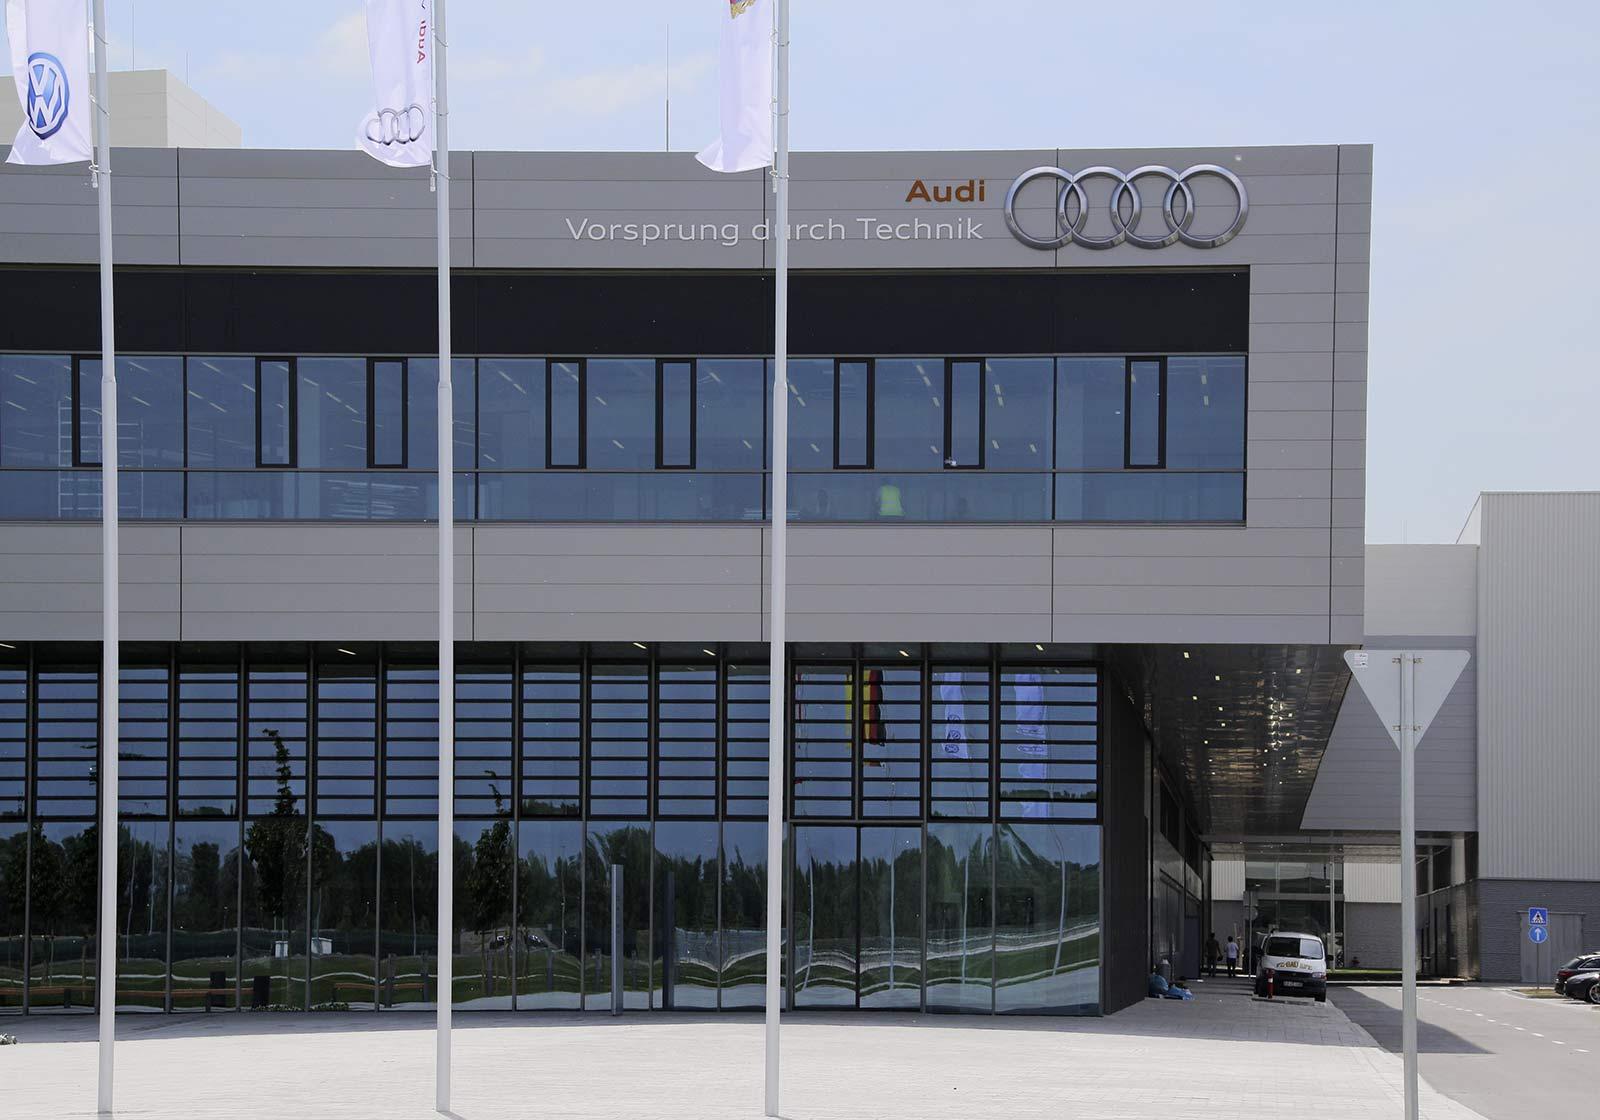 AUDI, центральное здание G70, Дьёр